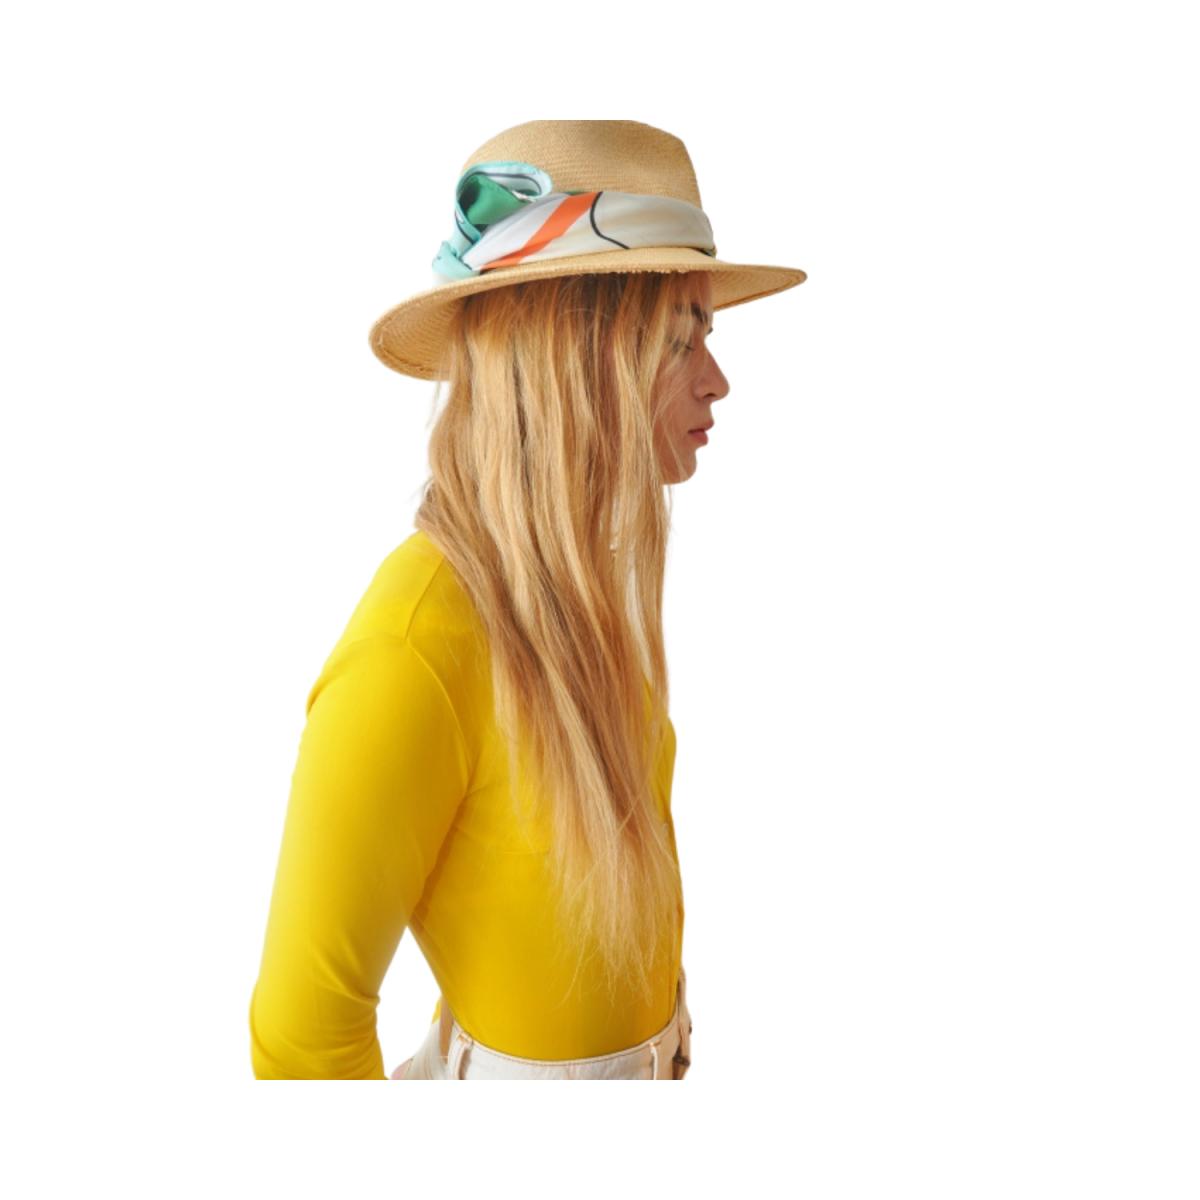 arty silke tørklæde - bånd på hat